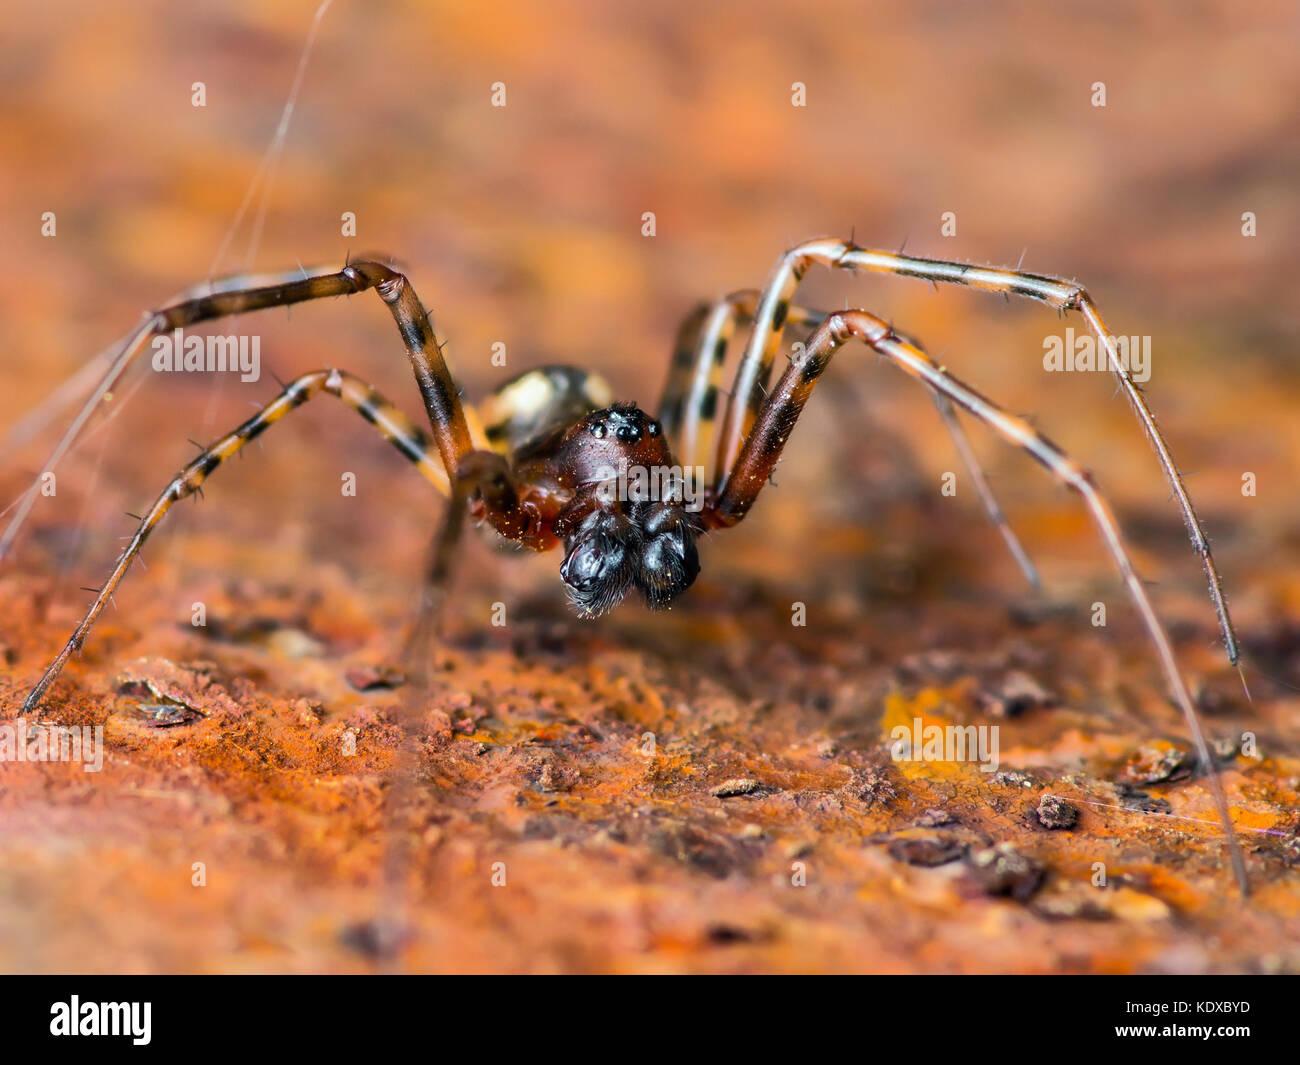 Gruselige spinne Insekt auf Rusty Hintergrund Stockbild